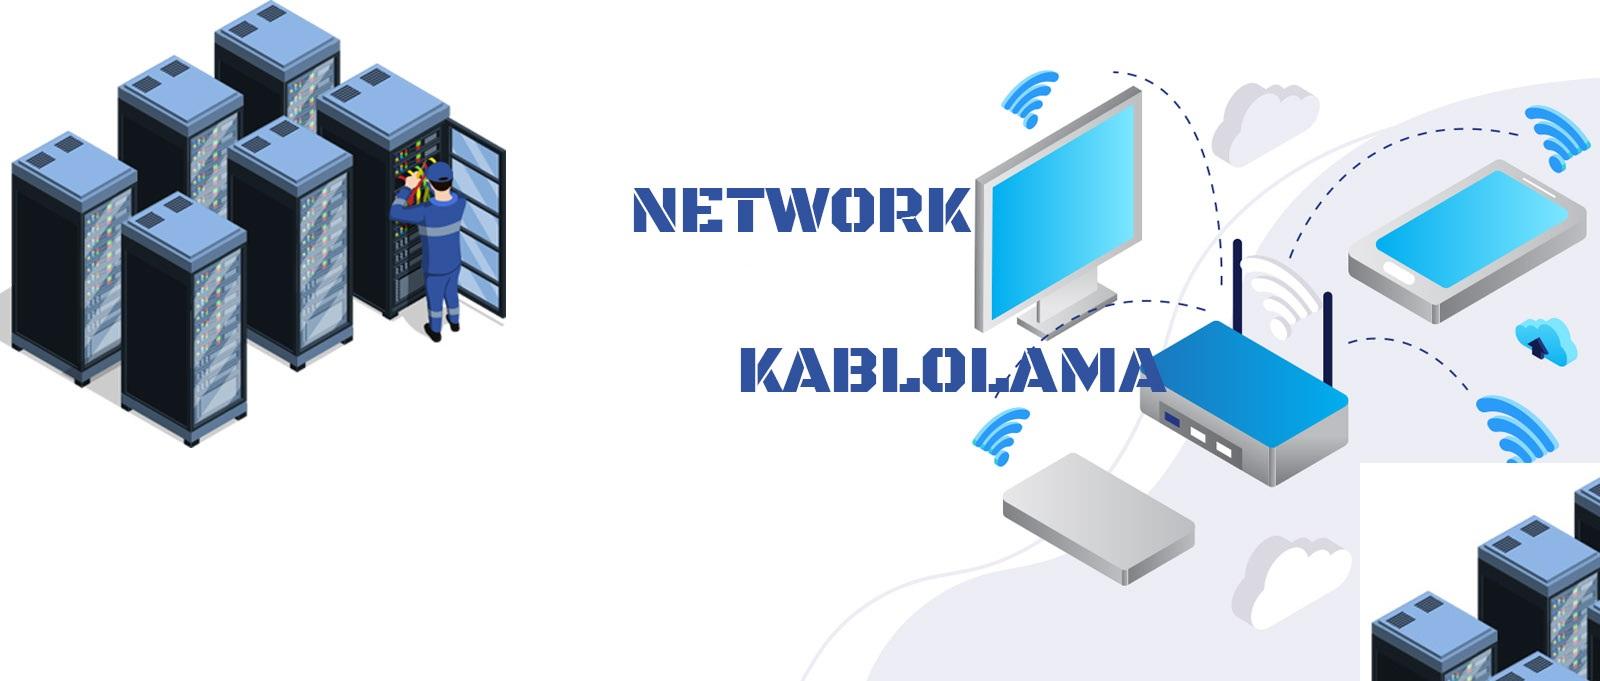 Network Kablolama Nasıl Yapılır